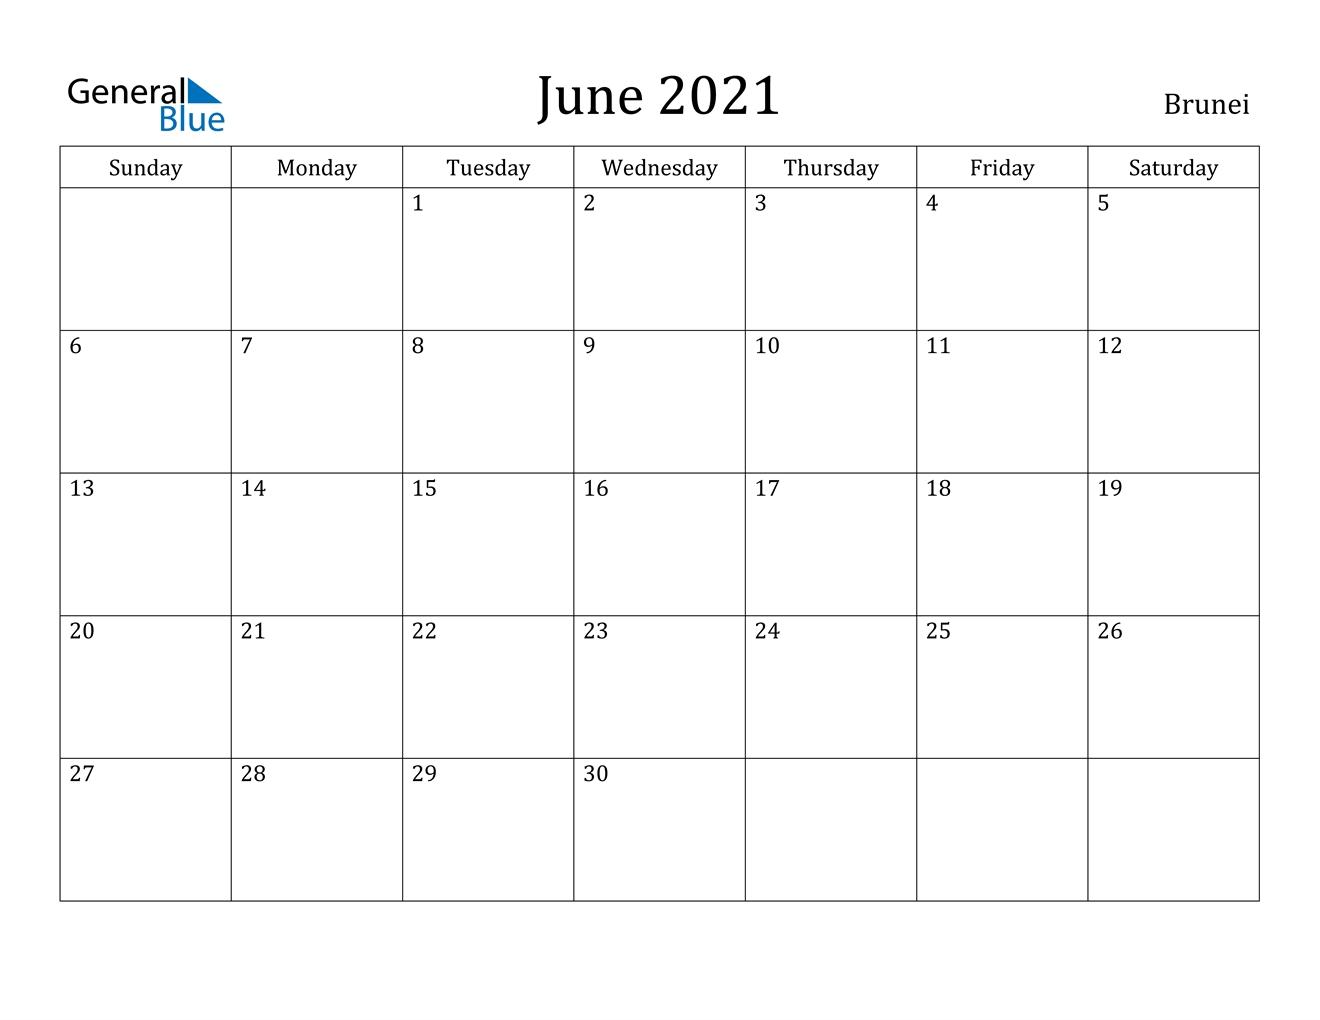 June 2021 Calendar - Brunei July 2021 Chinese Calendar